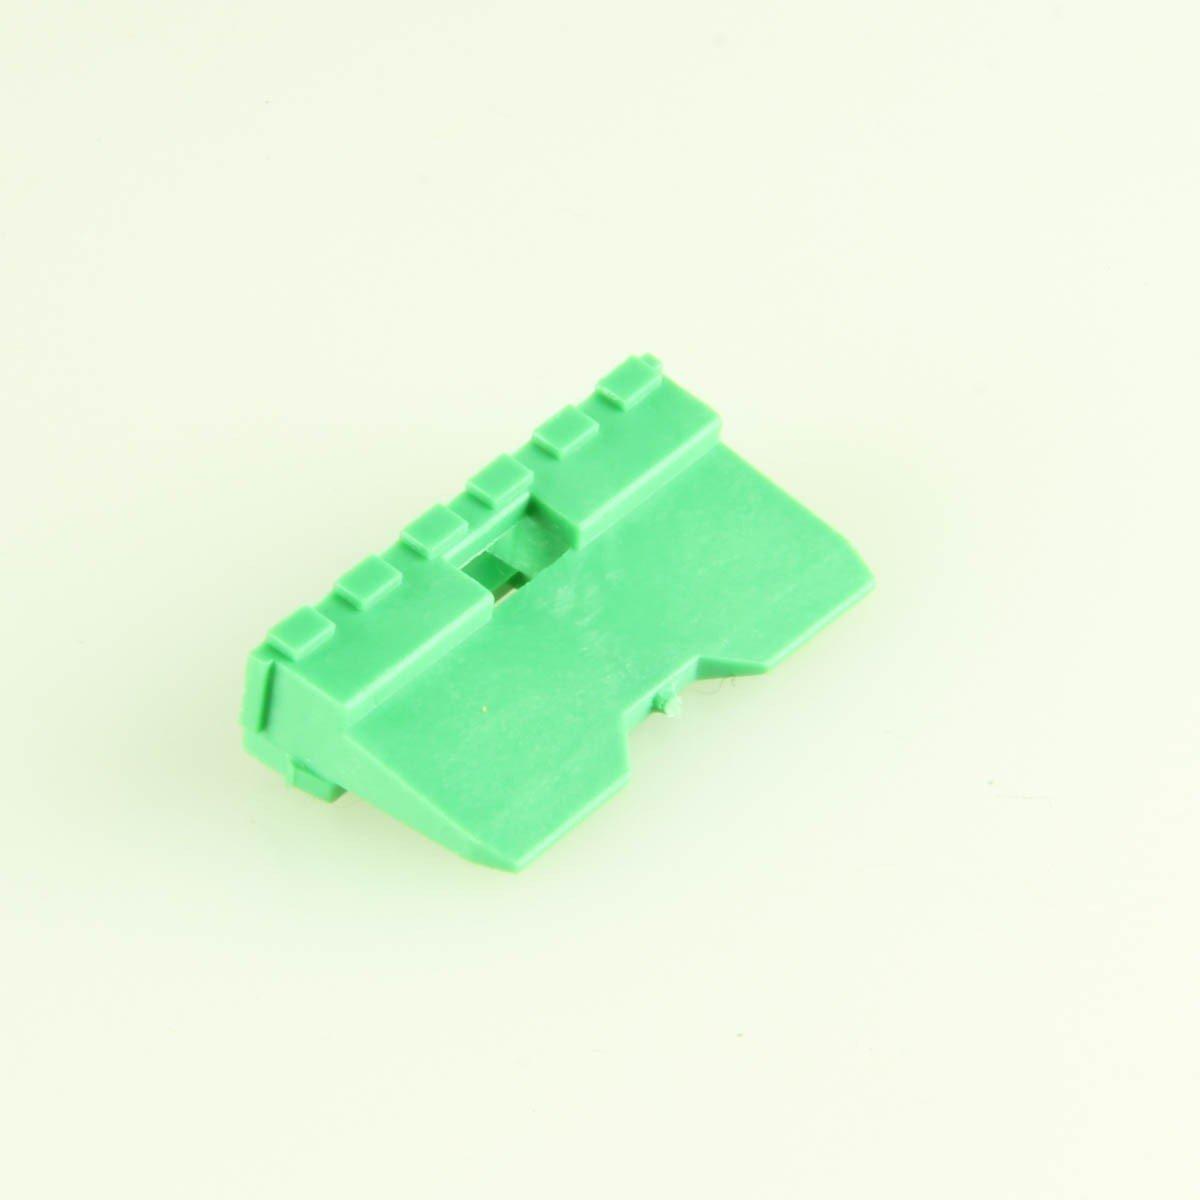 12-Way Pin Wedgelocks, DT Series #W12P - (Pack of 10)